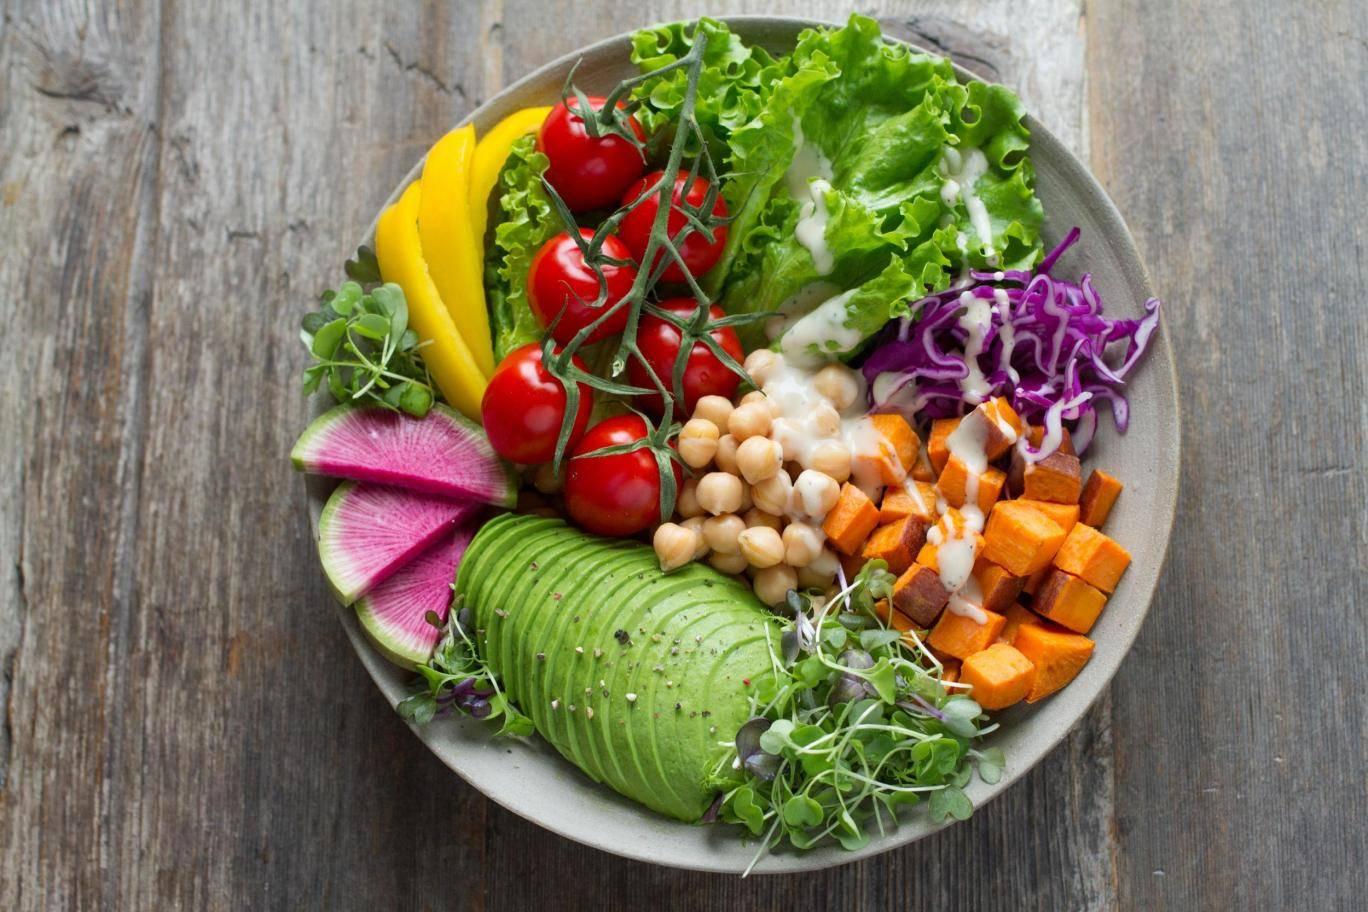 想要减肥 健康食品也并非多多益善